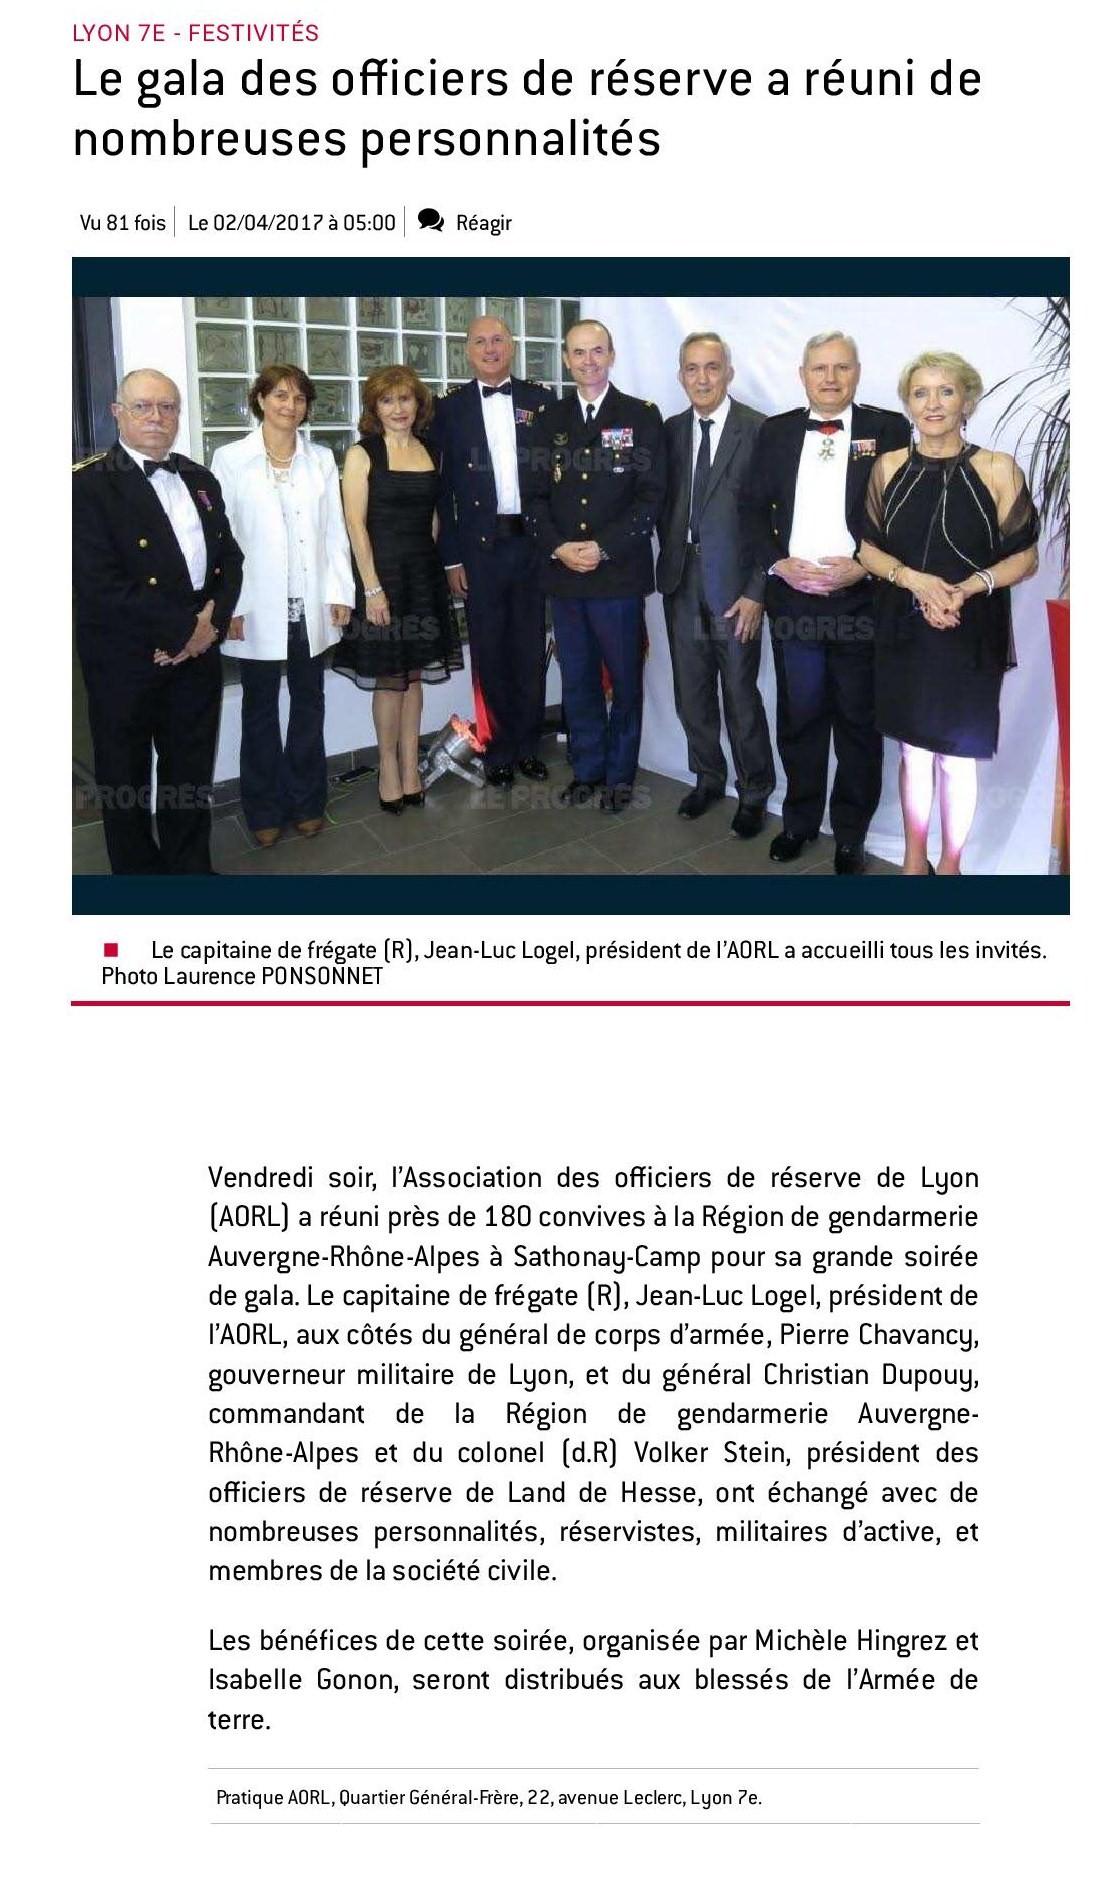 Lyon 7e _ Le gala des officiers de réserve a réuni de nombreuses personnalités-page-001